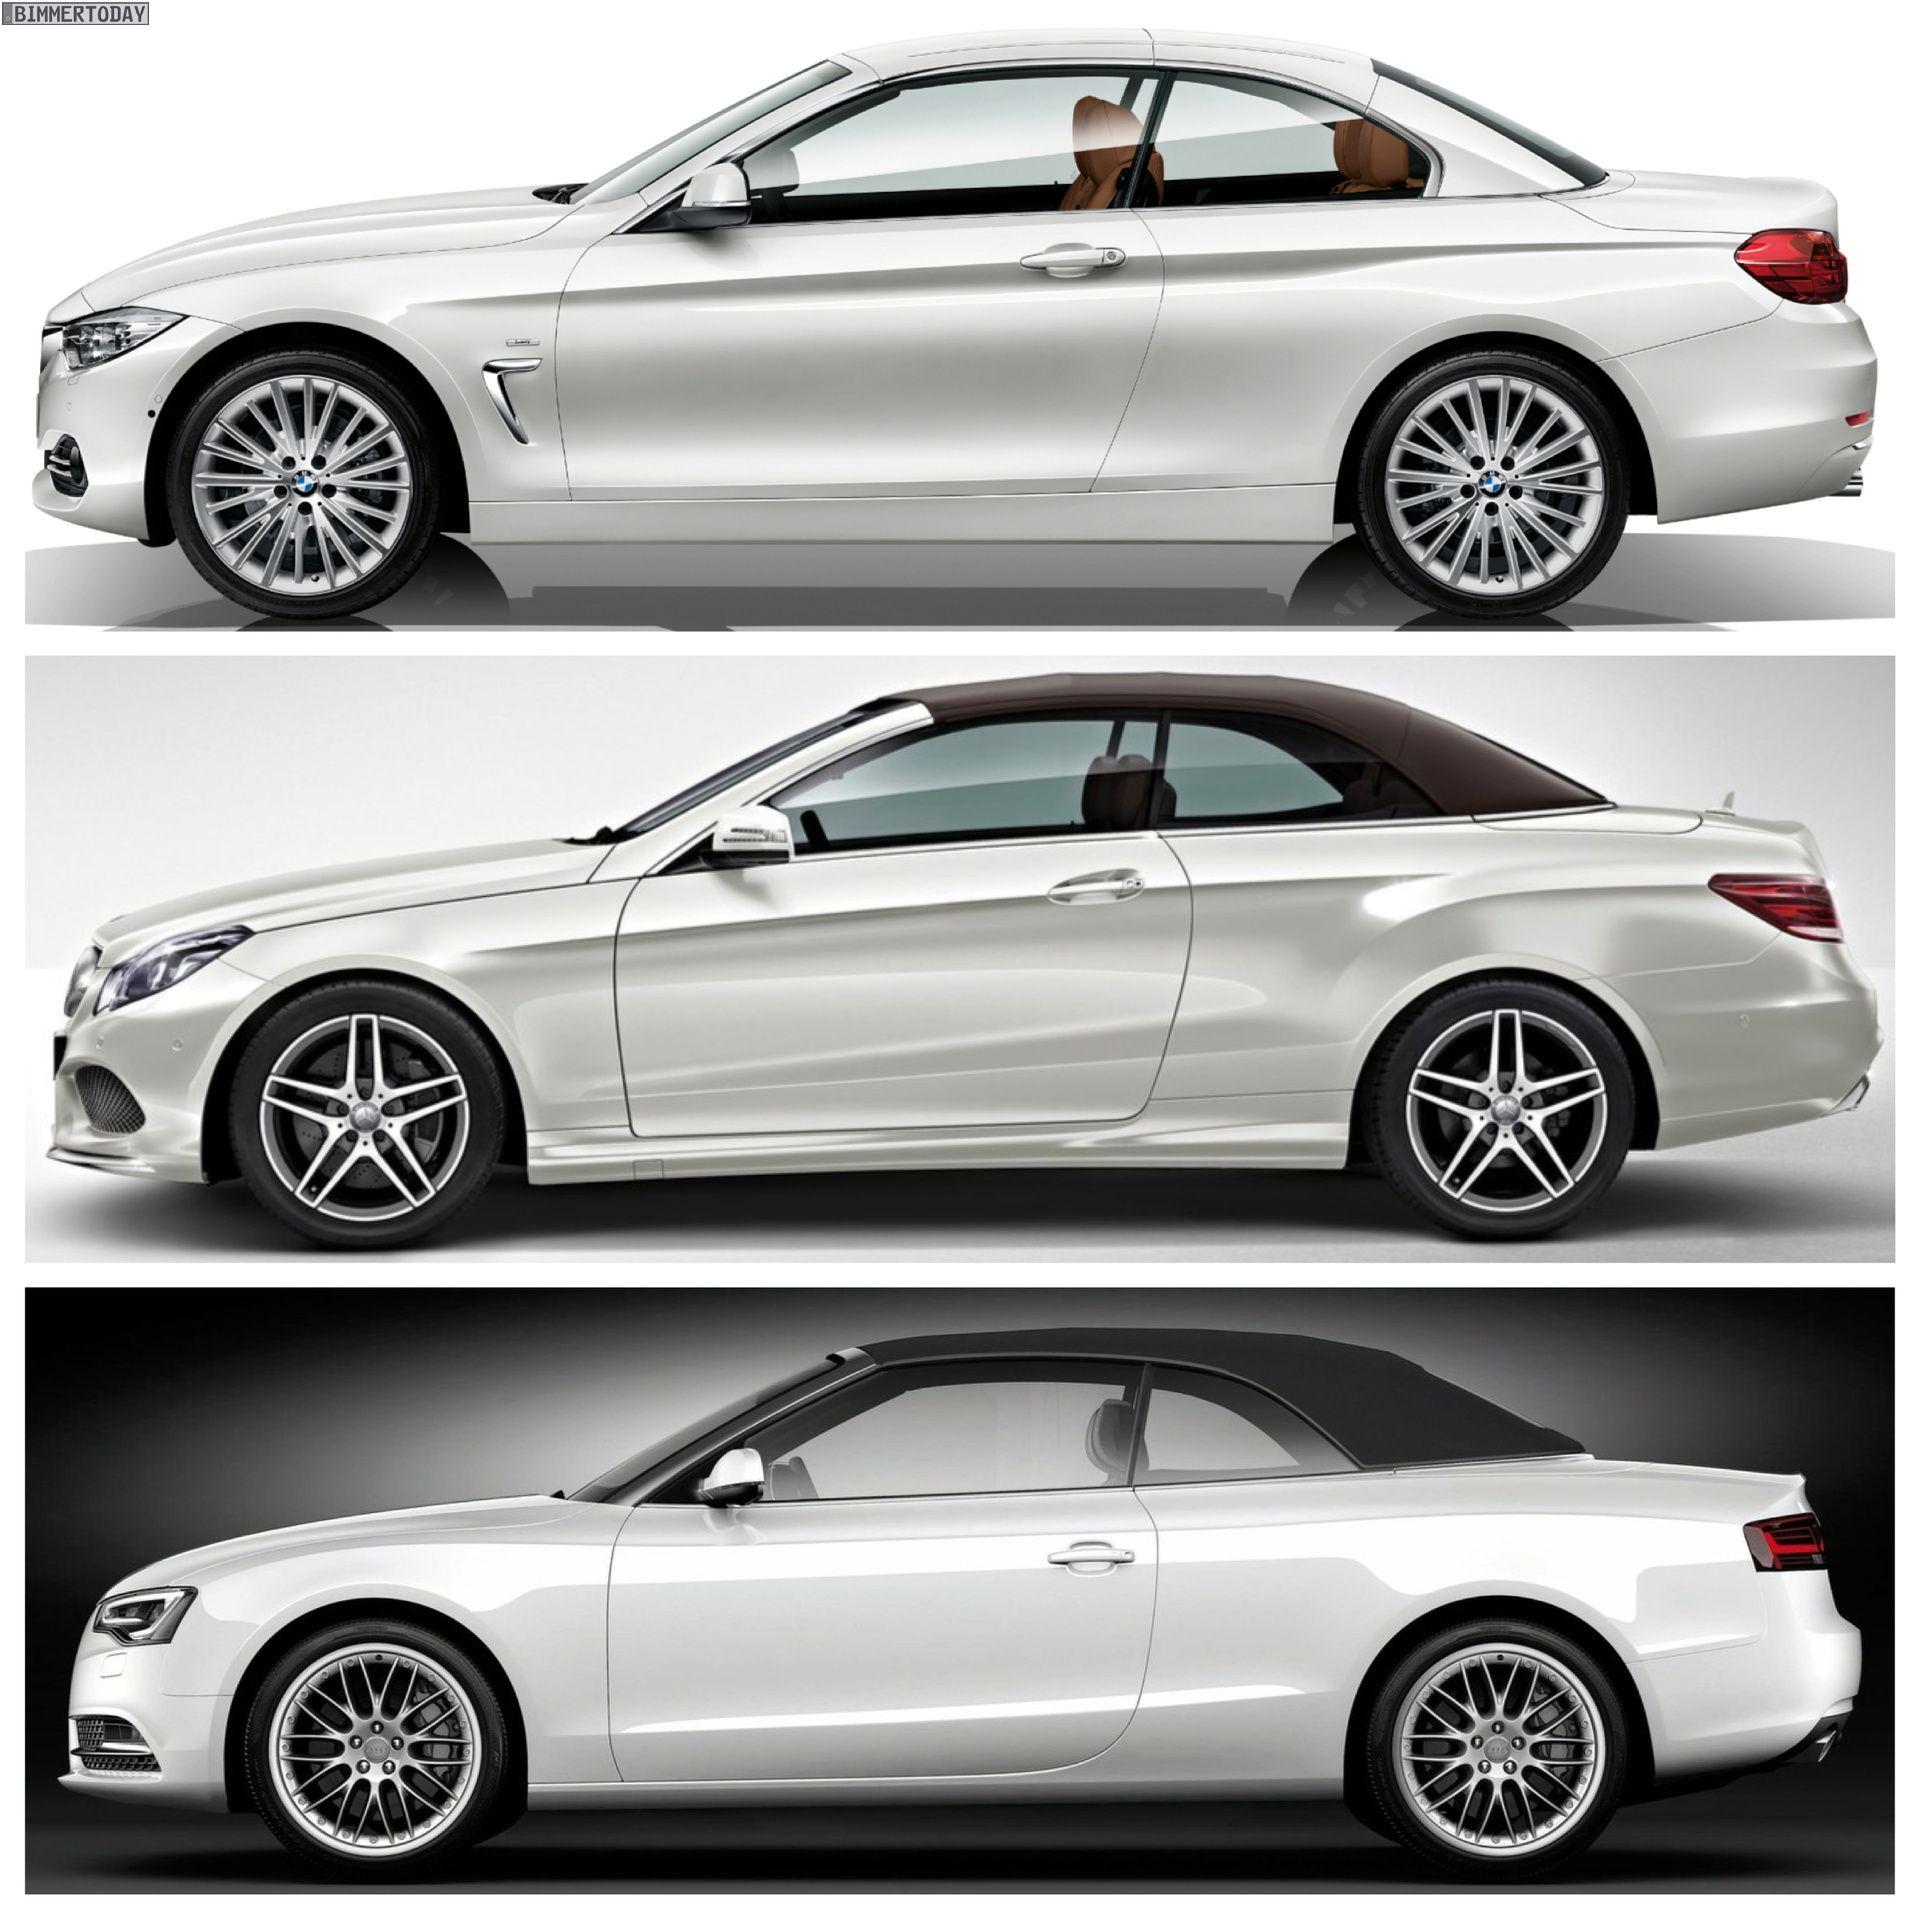 Bmw 4 Series Convertible Vs Mercedes Benz E Class Vs Audi A5